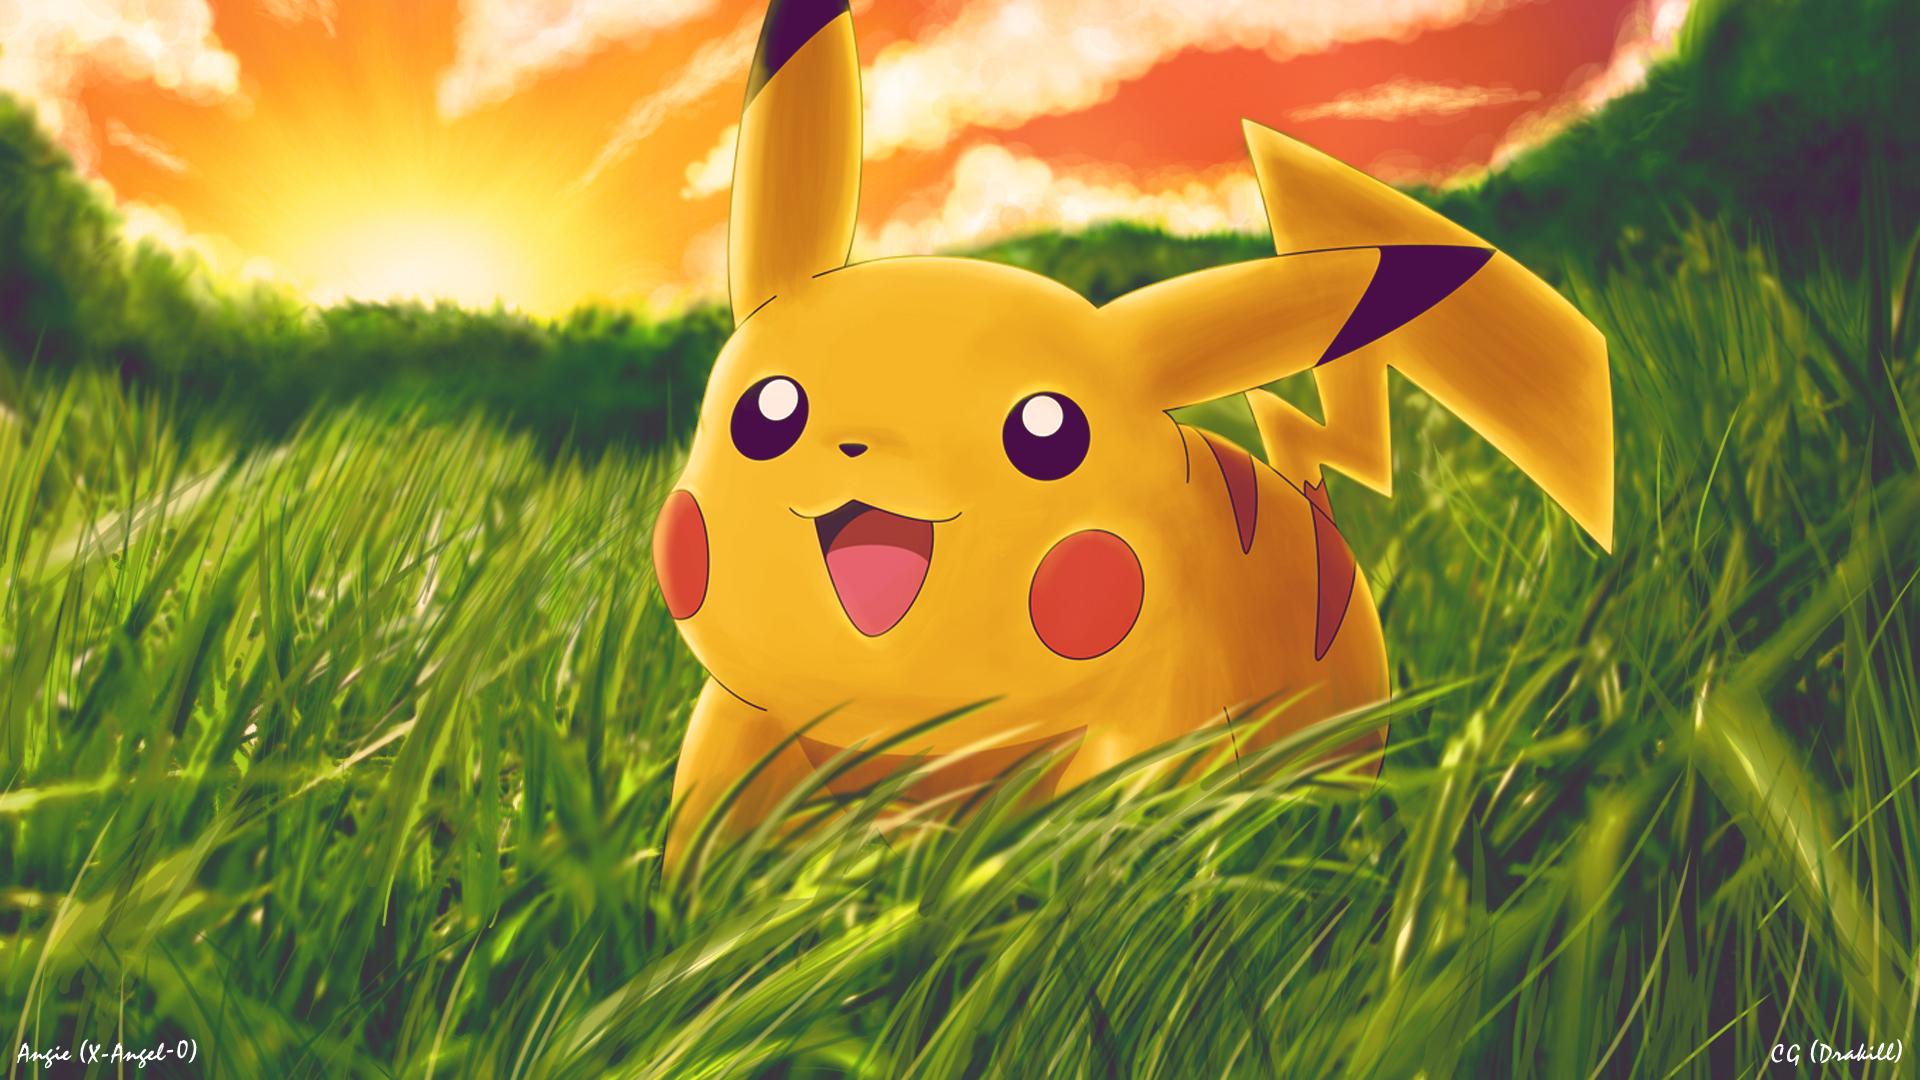 Pokemon Pikachu wallpaper 1920x1080 41029 WallpaperUP 1920x1080